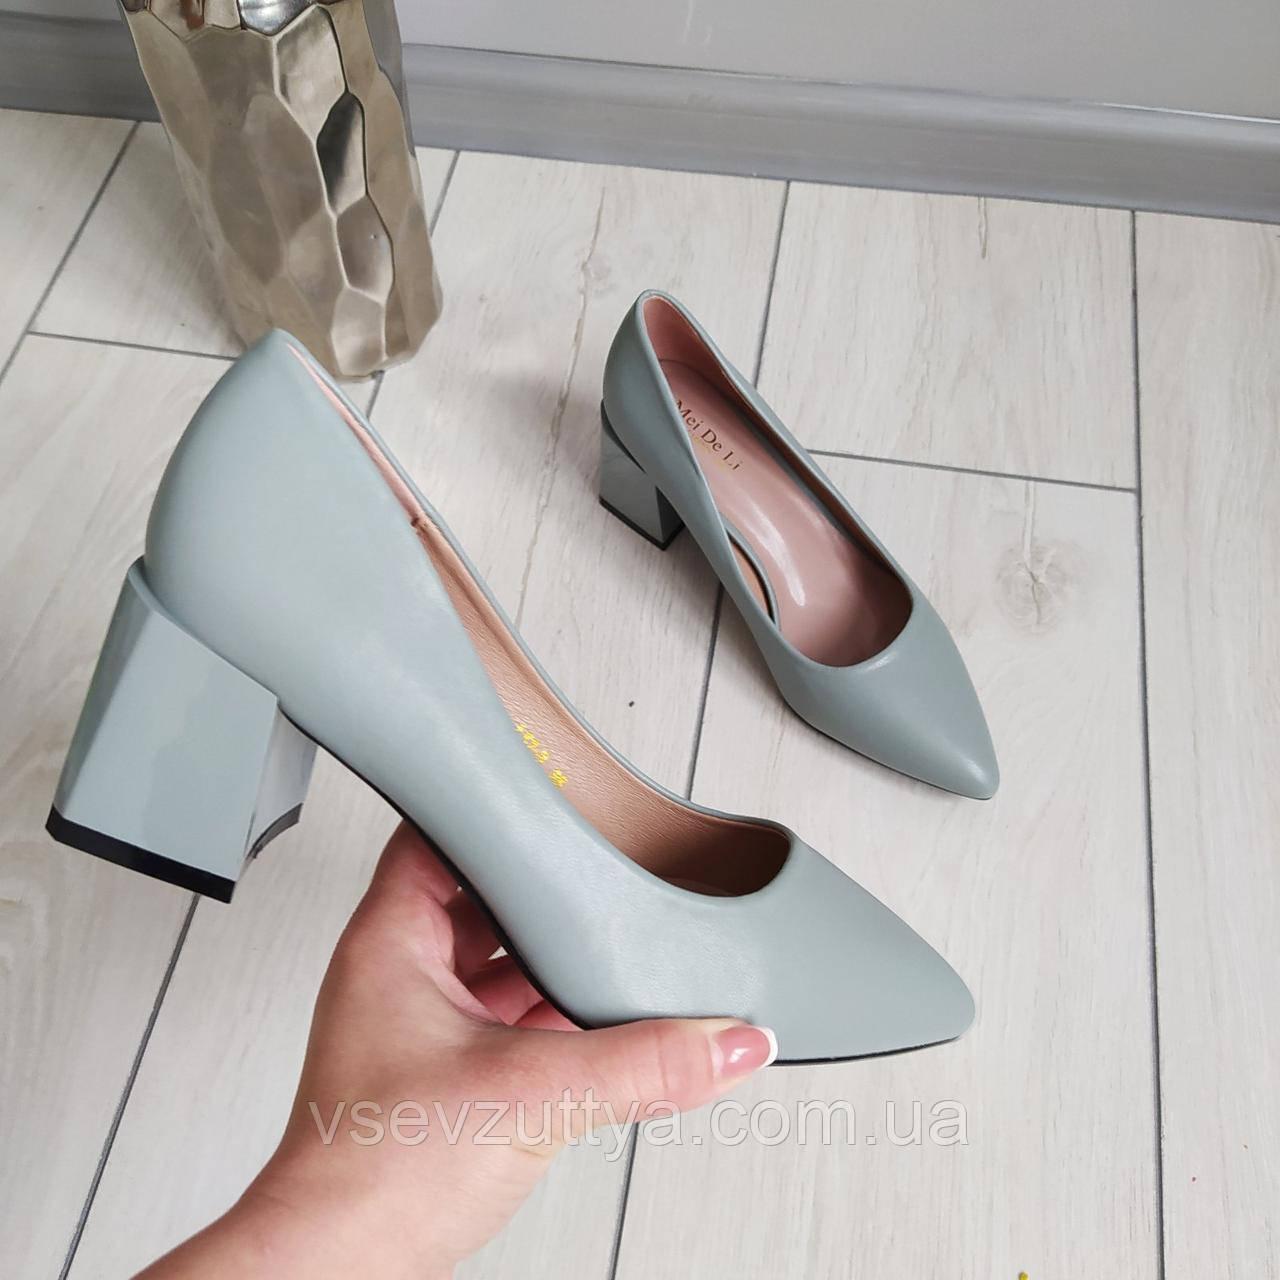 Туфли голубые женские на широком каблуке